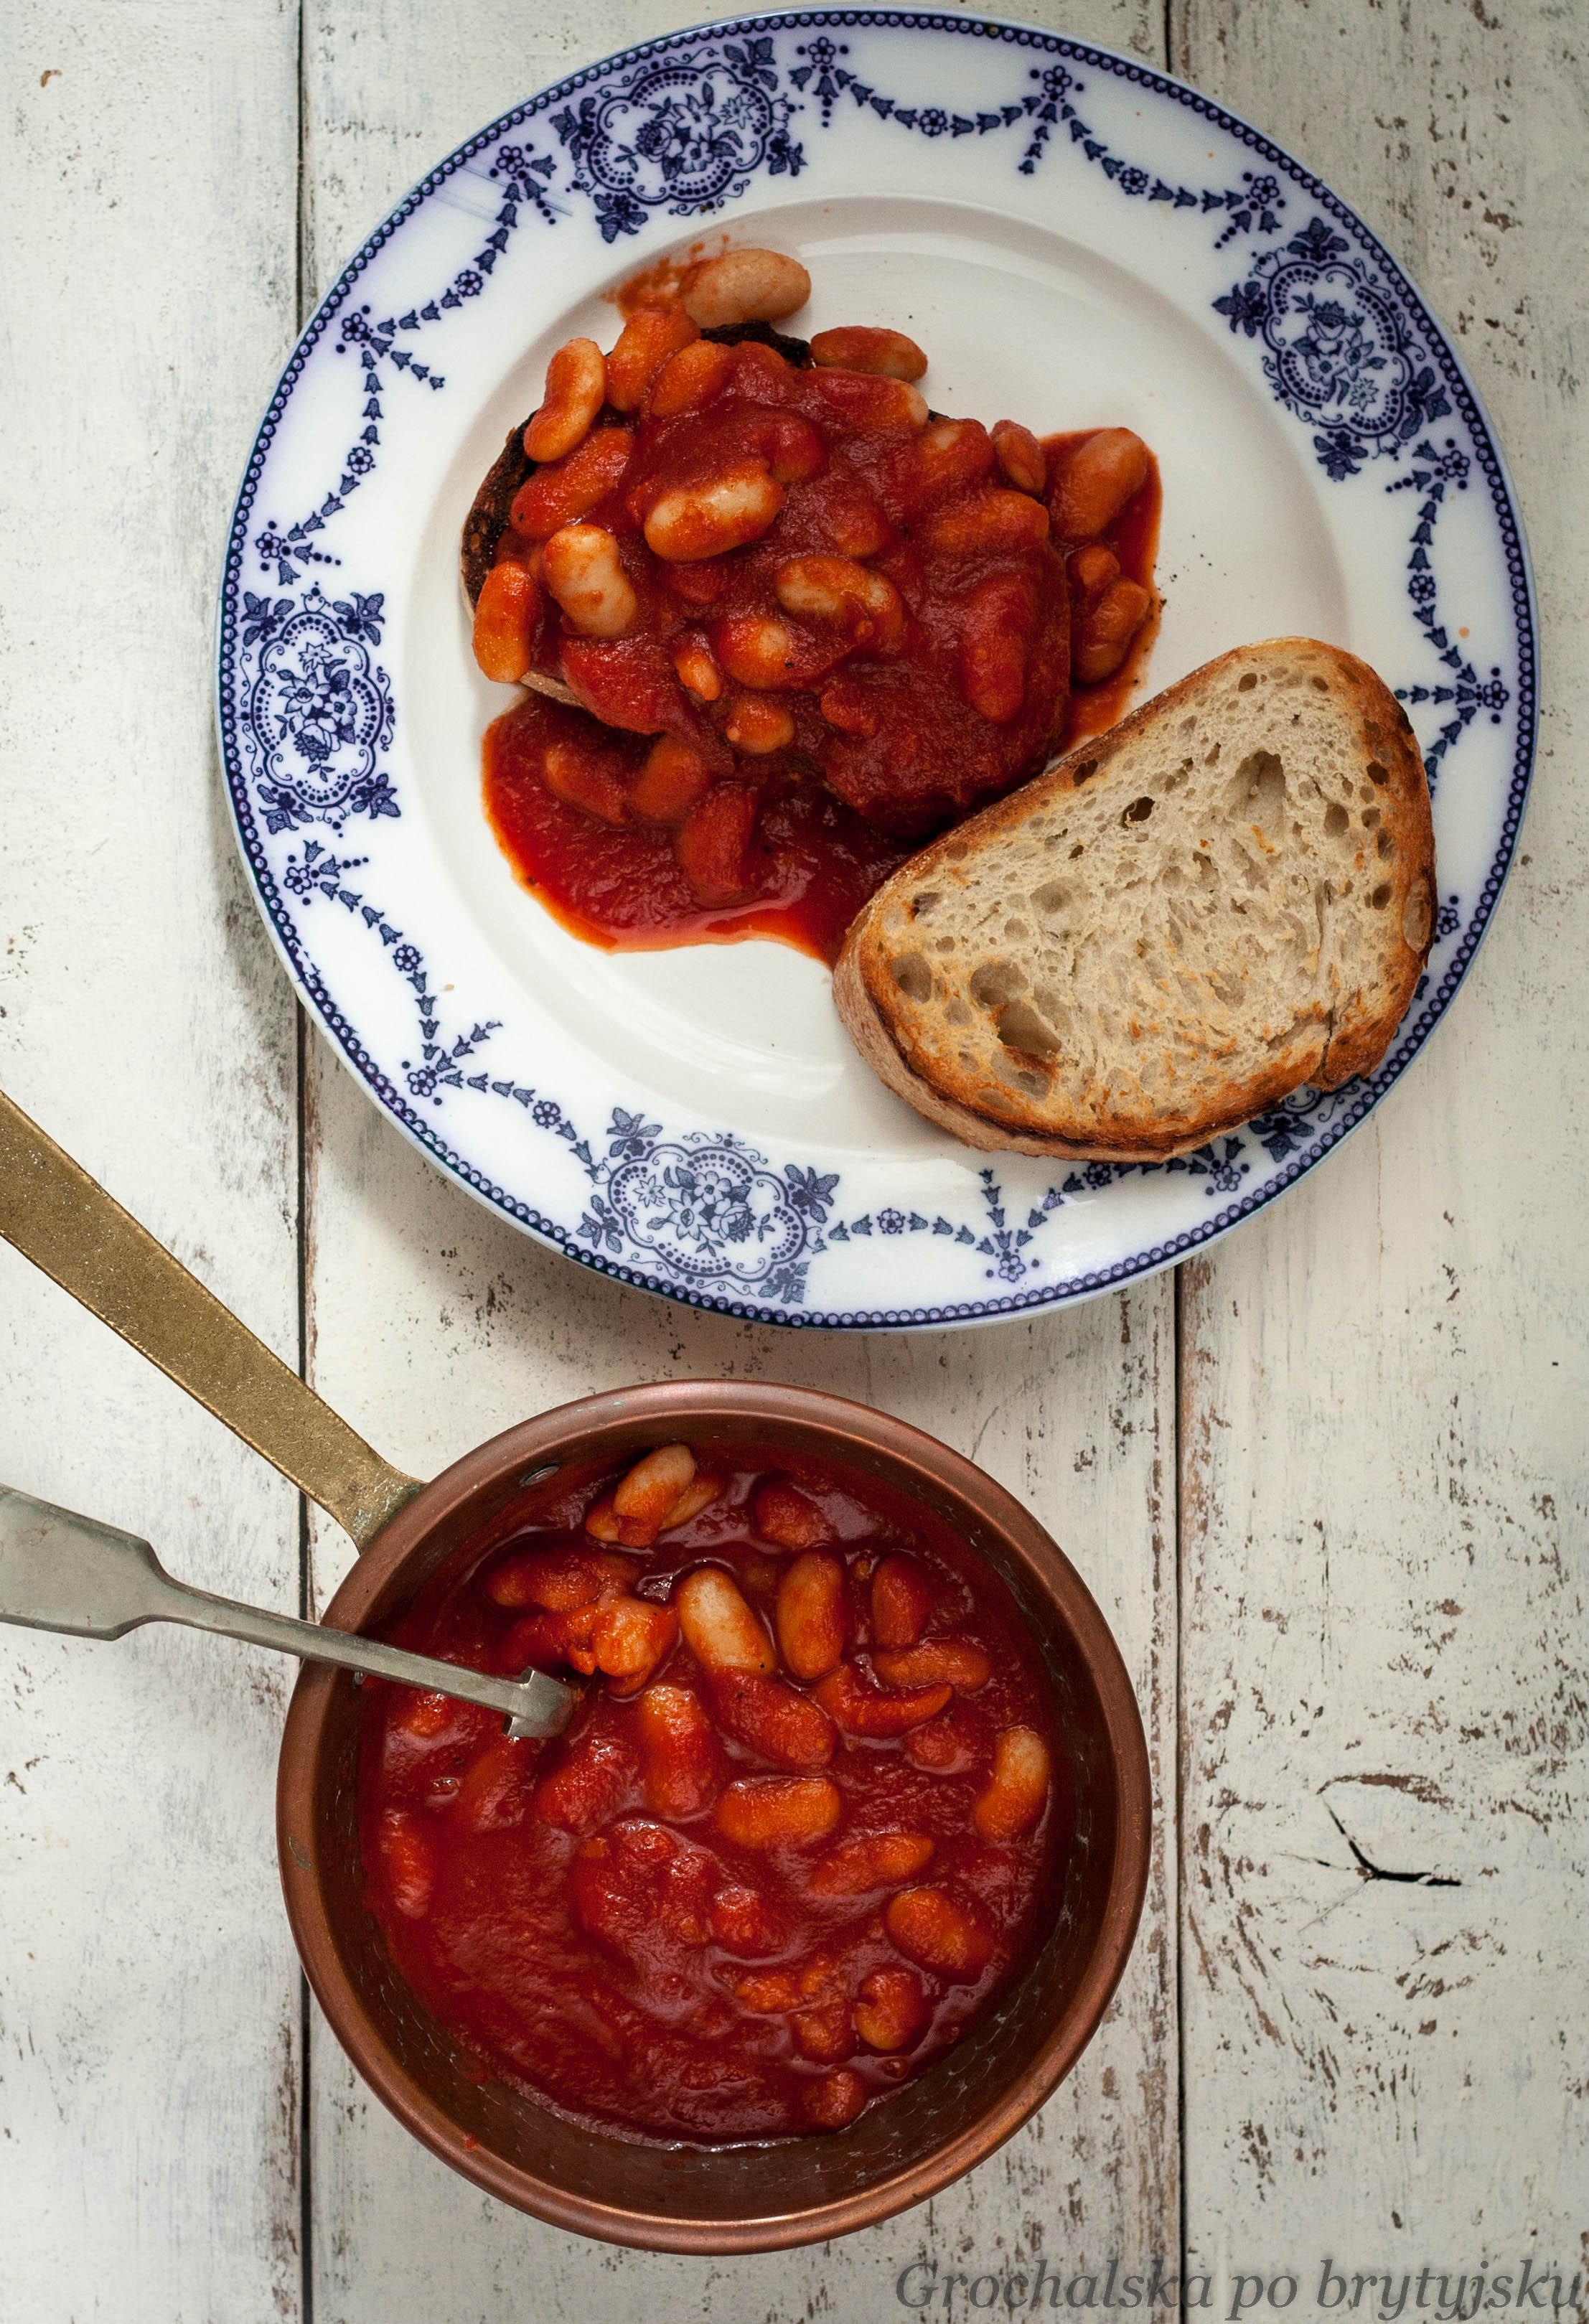 baked_beans_Grochalska po brytyjsku